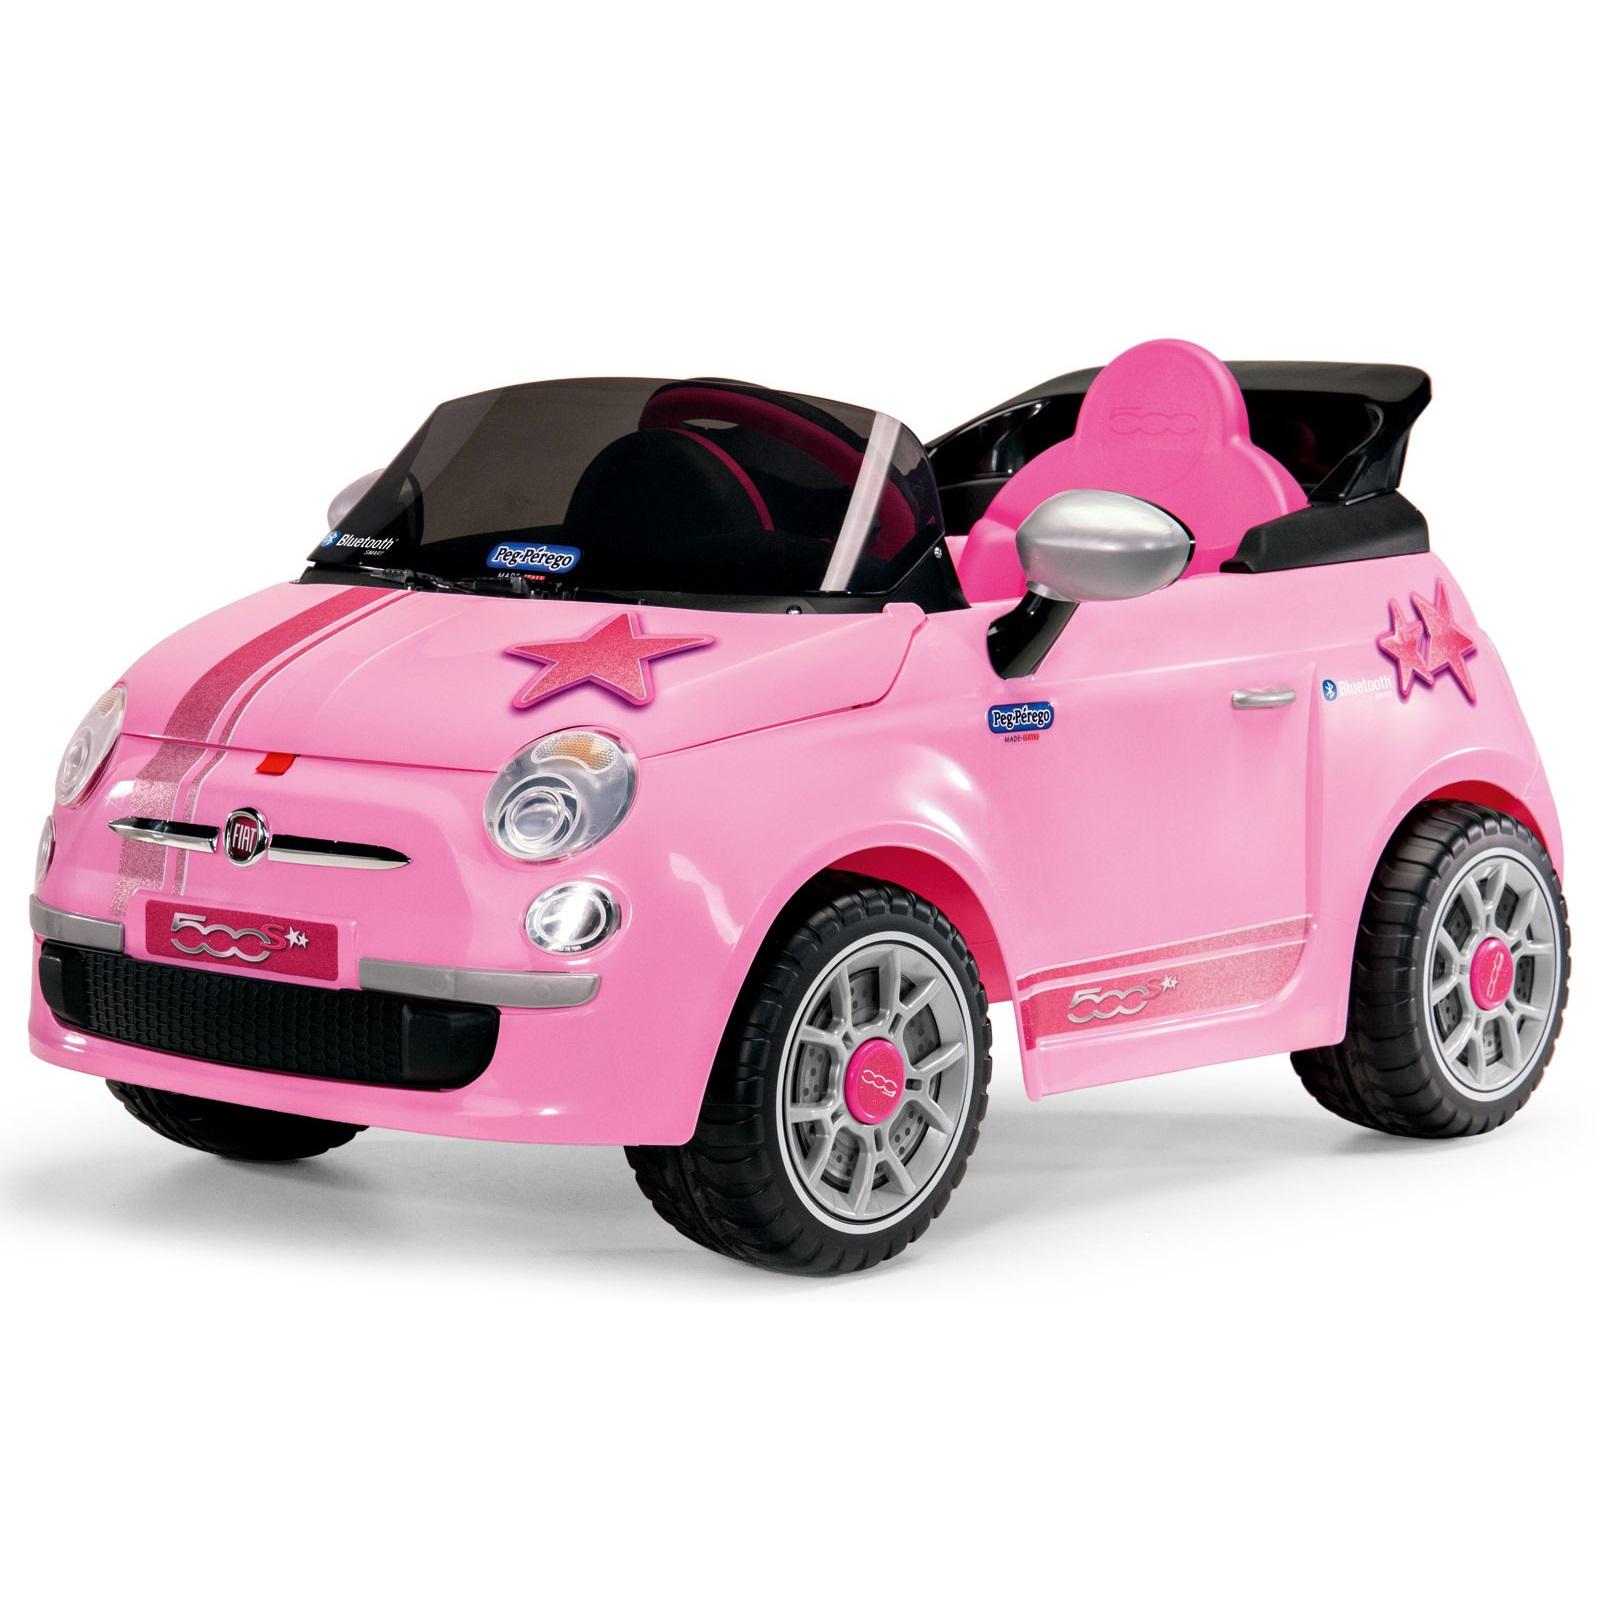 Купить Детский электромобиль Fiat 500 Star Pink R/C, цвет – розовый, Peg-Perego